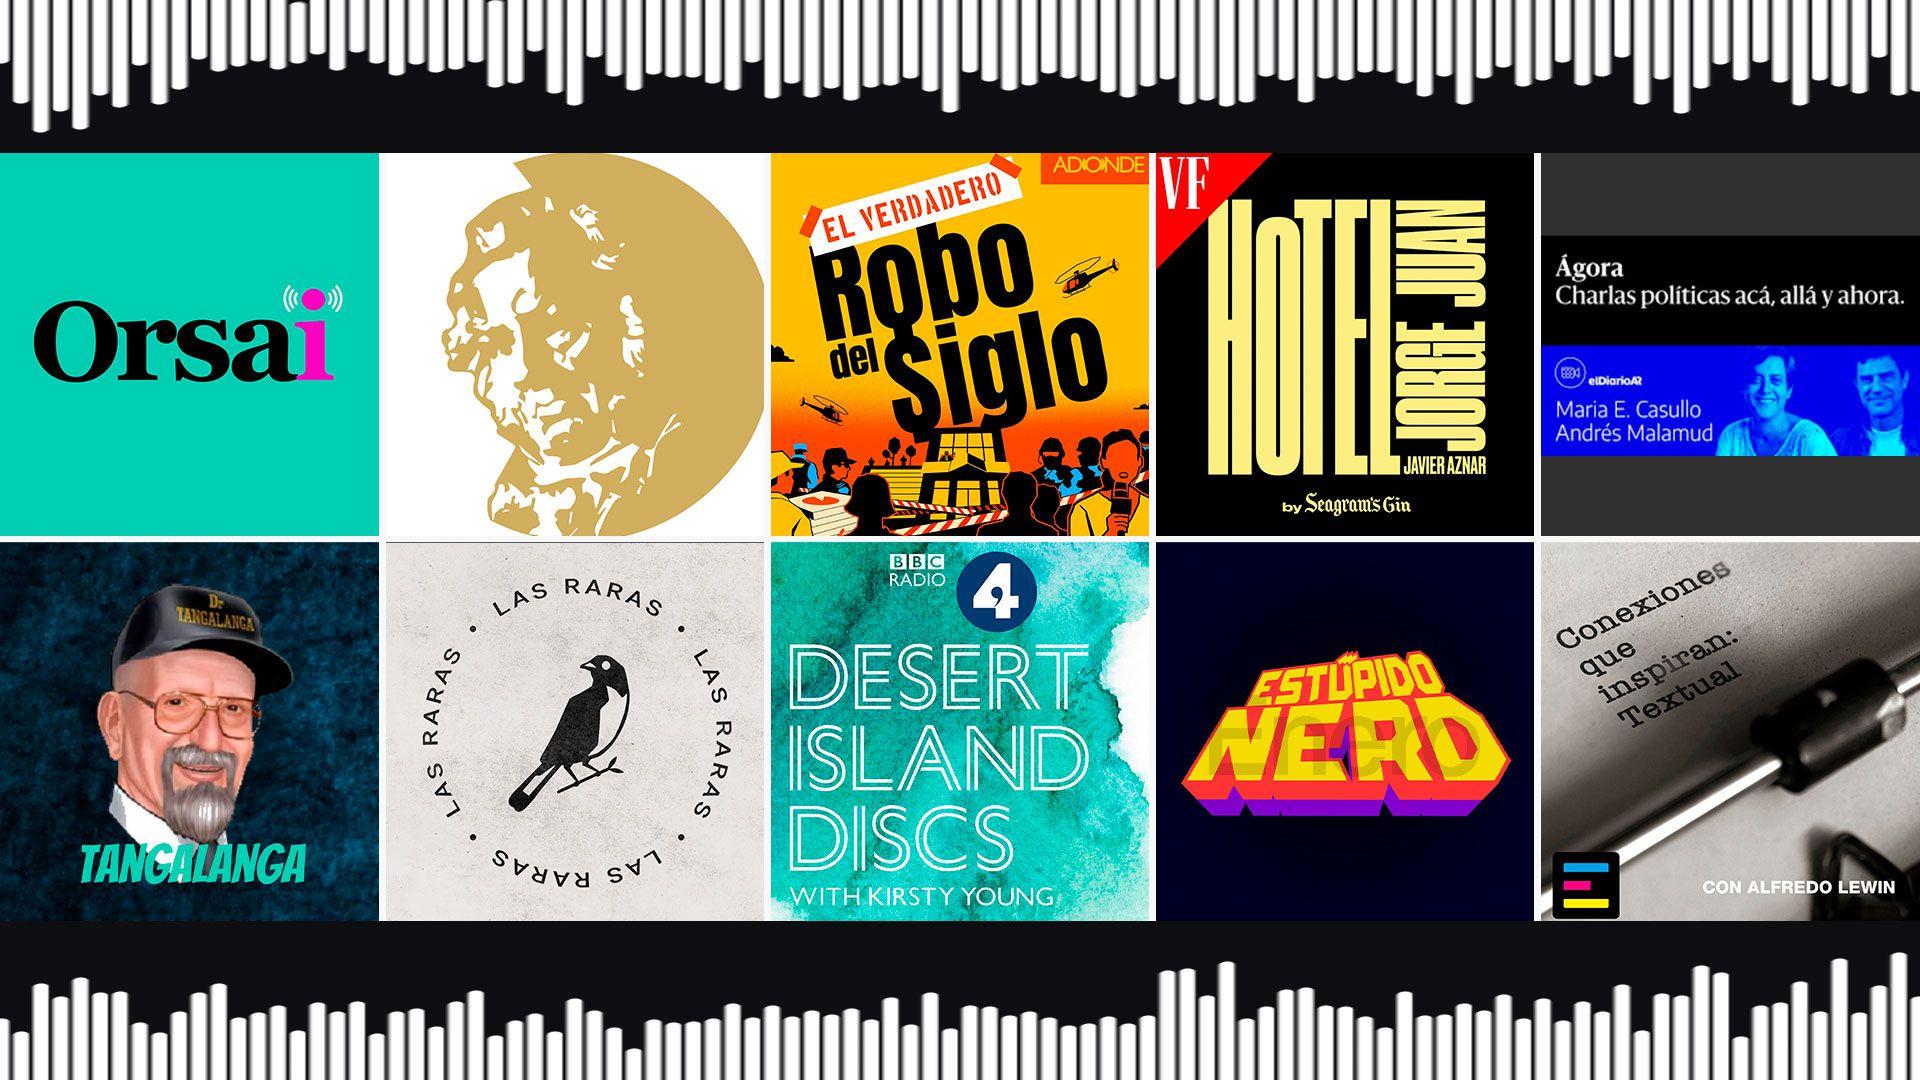 La vida en podcast Enero